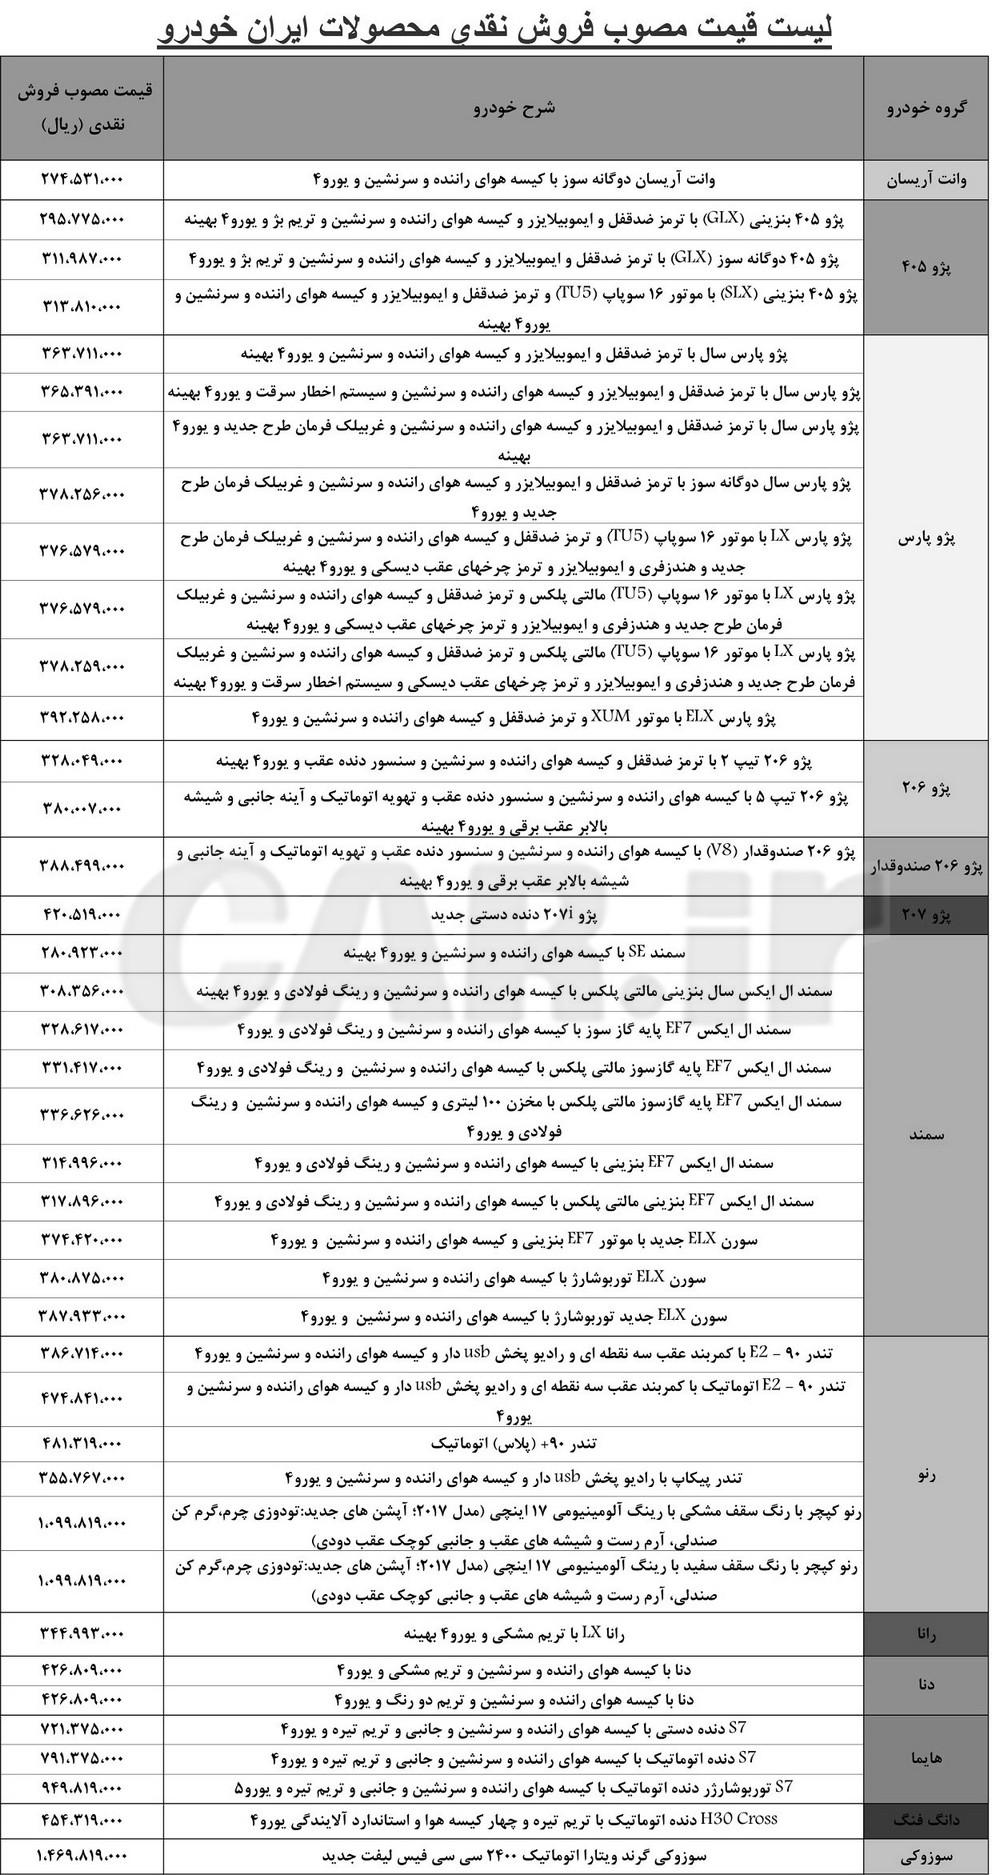 لیست قیمت کارخانهای محصولات ایران خودرو - تیر 96